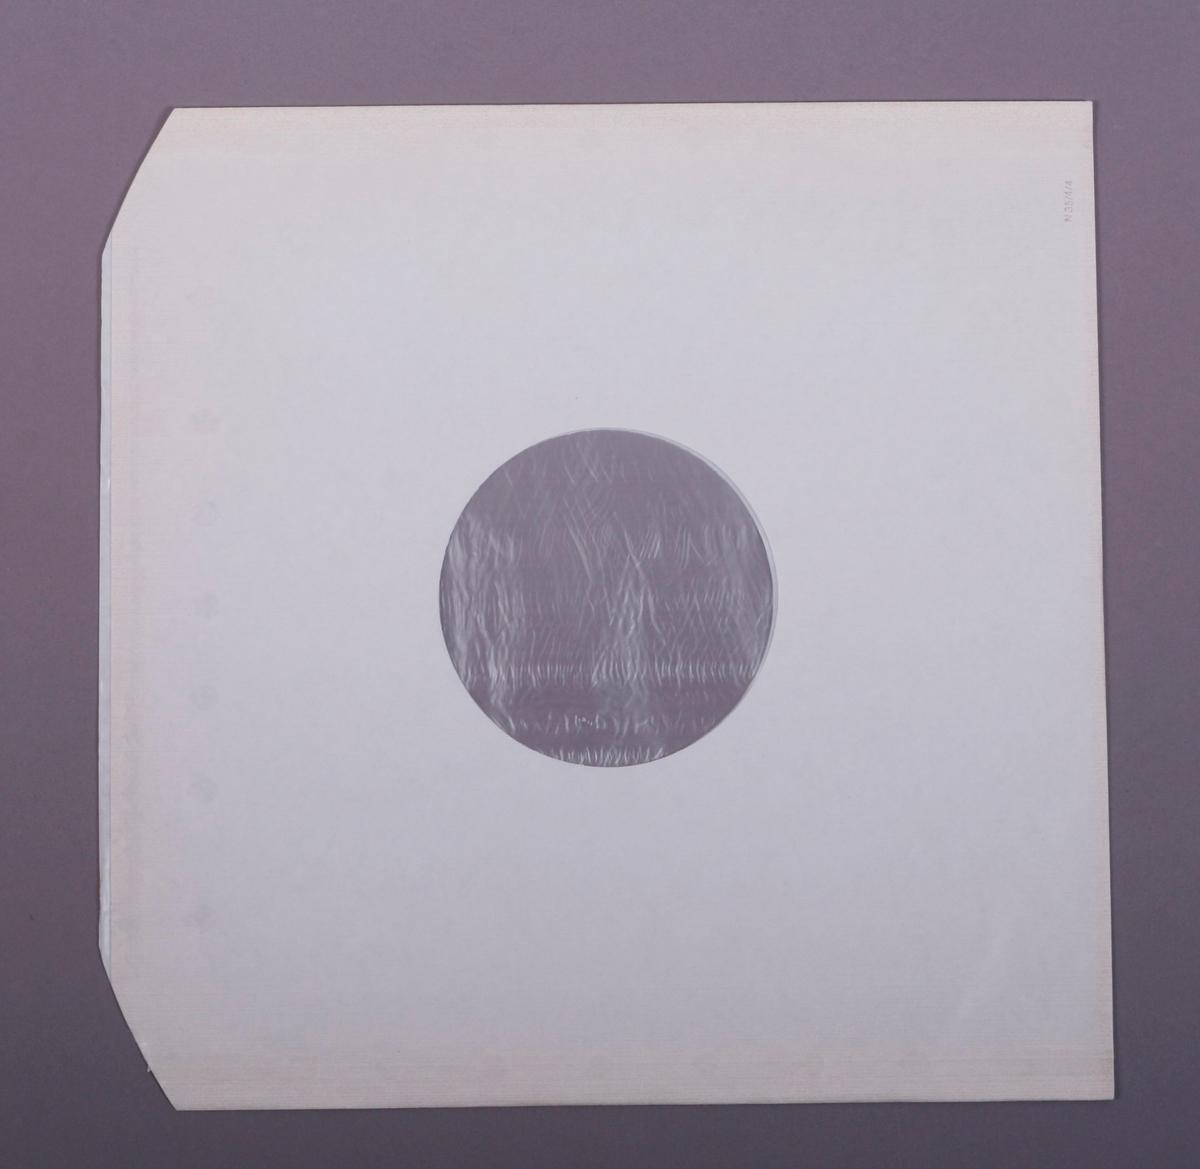 Grammofonplate i svart vinyl og dobbelt plateomslag i papp. Plata ligger i en papirlomme med plastfôr.